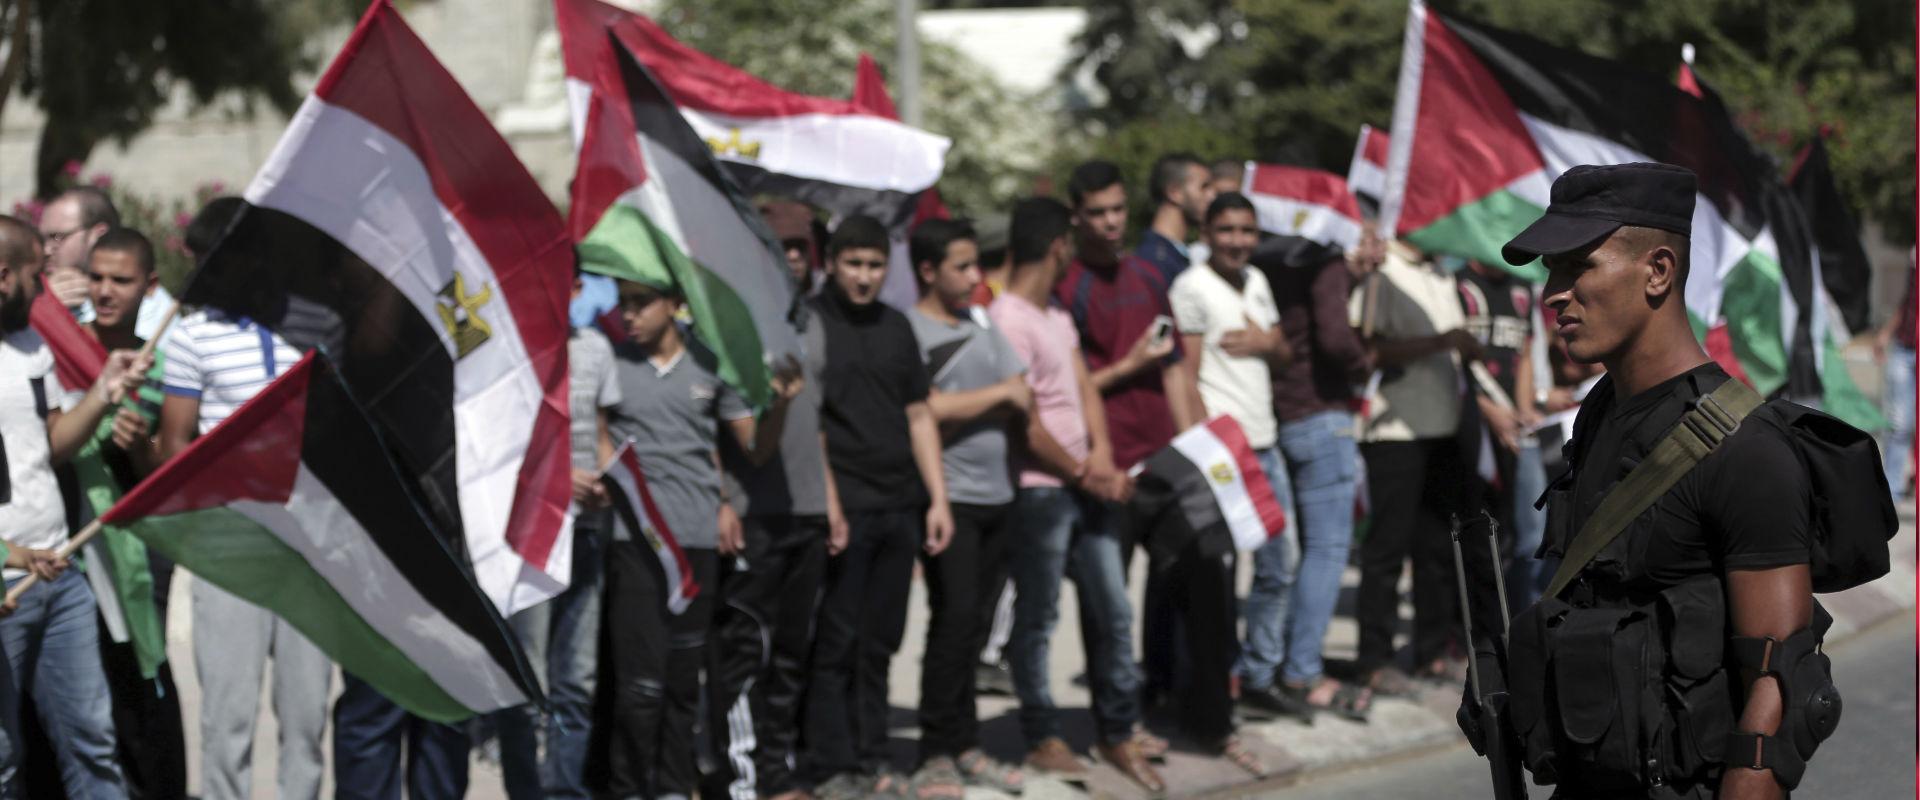 הפגנת תמיכה בפיוס הפלסטיני בעזה